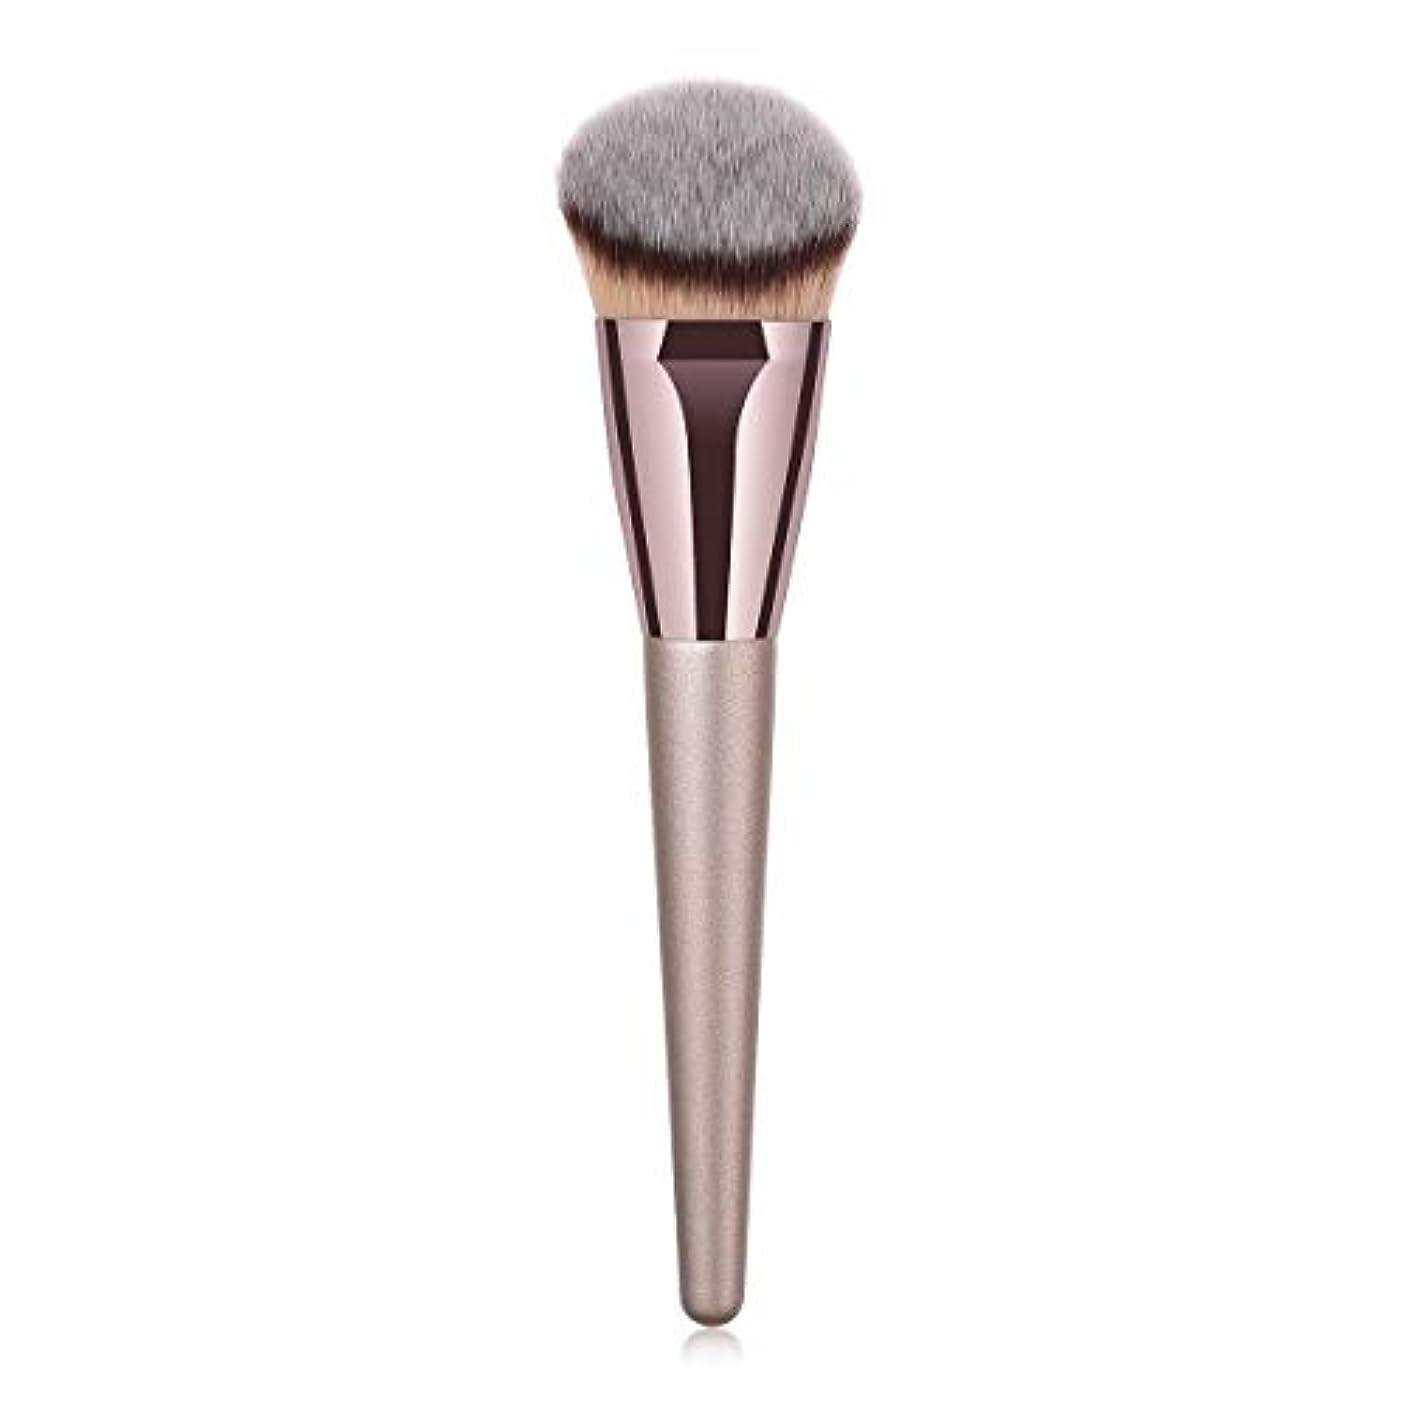 レトルト洞察力のある公爵夫人Makeup brushes 持ち運びに便利、歌舞伎化粧ブラシ用パウダーブラッシュパウダーフルイド化粧品美容ツールCanonicalシングルブラシ suits (Color : Gray)